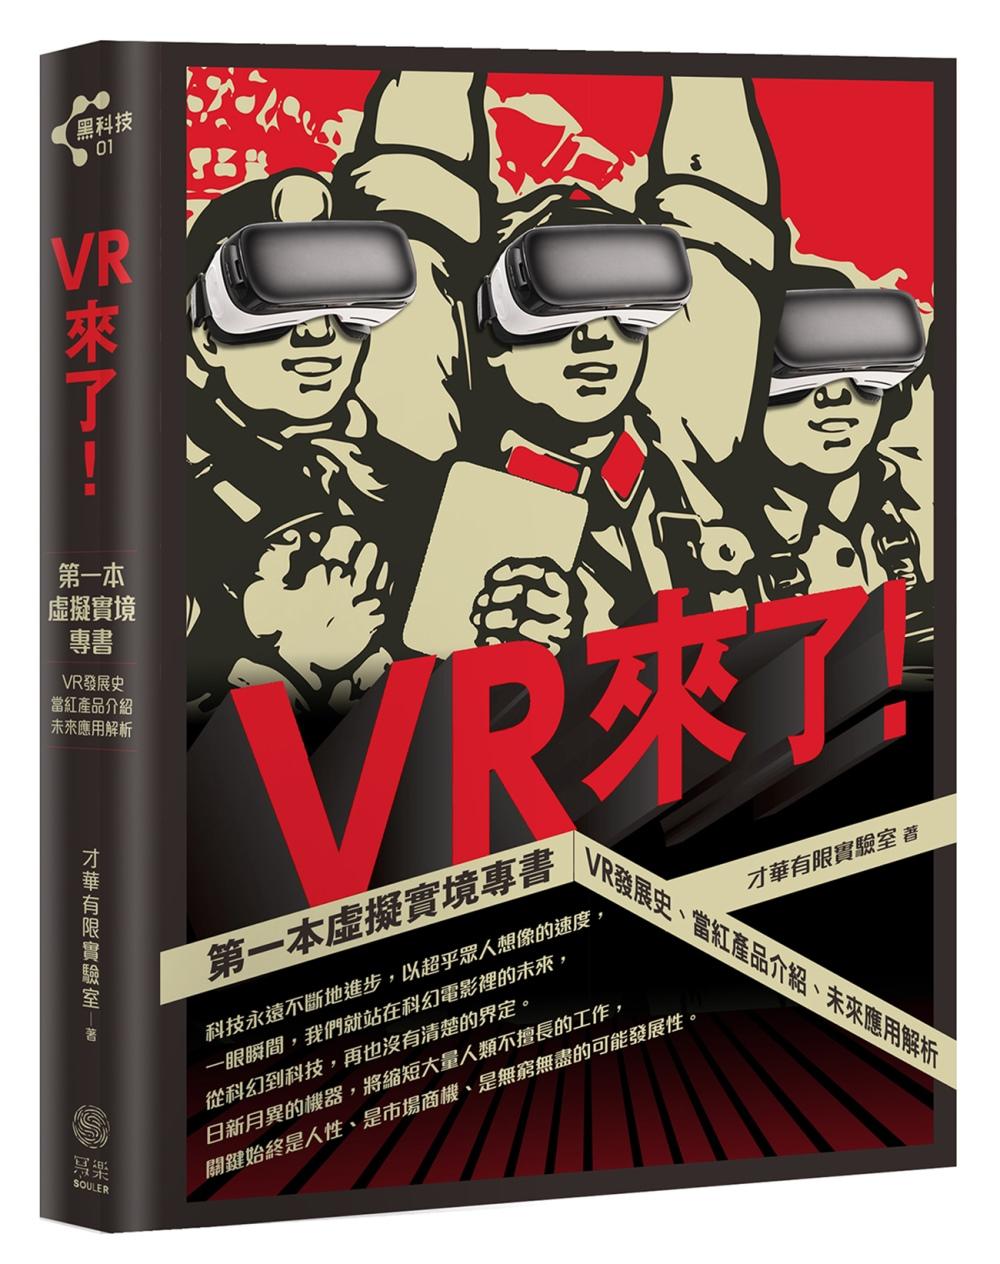 VR來了!:第一本虛擬實境專書 VR發展史、當紅產品介紹、未來應用解析【限量贈送VR精靈眼鏡】+【博客來獨家收納袋】